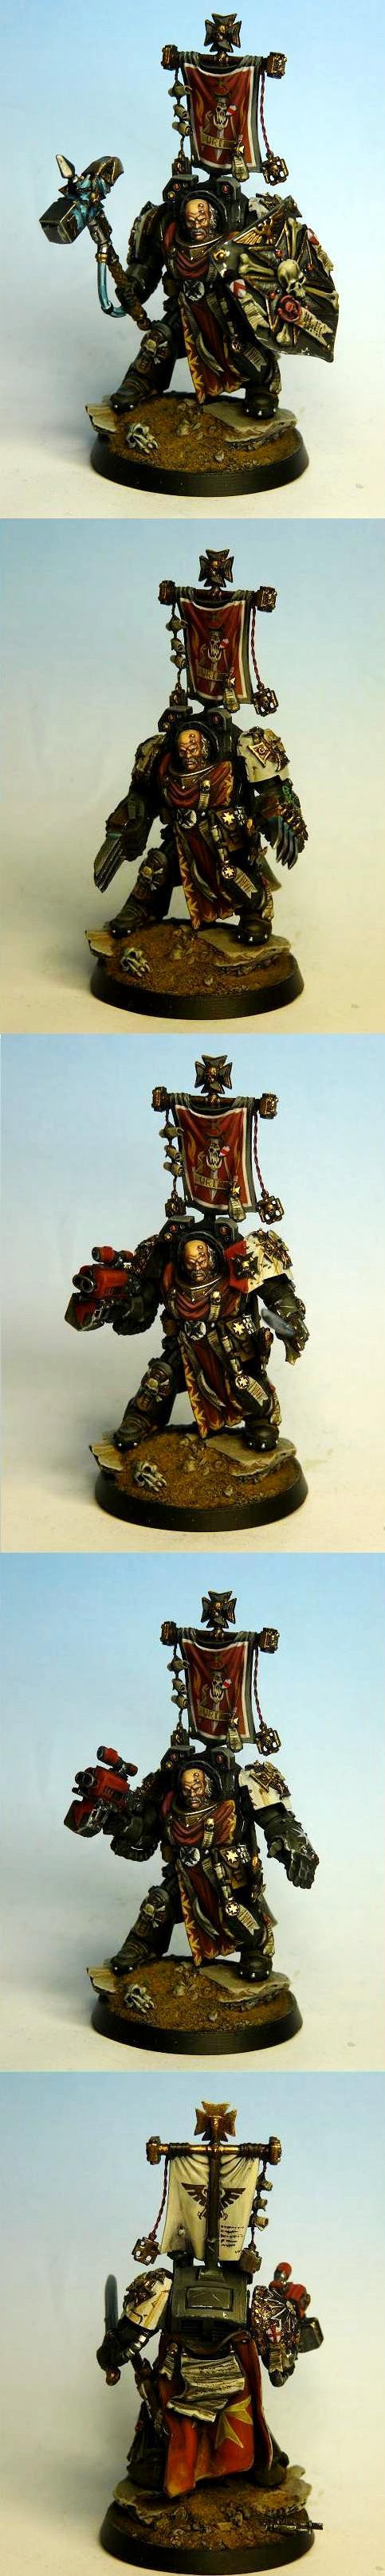 Black Templars, Sword Bretheren